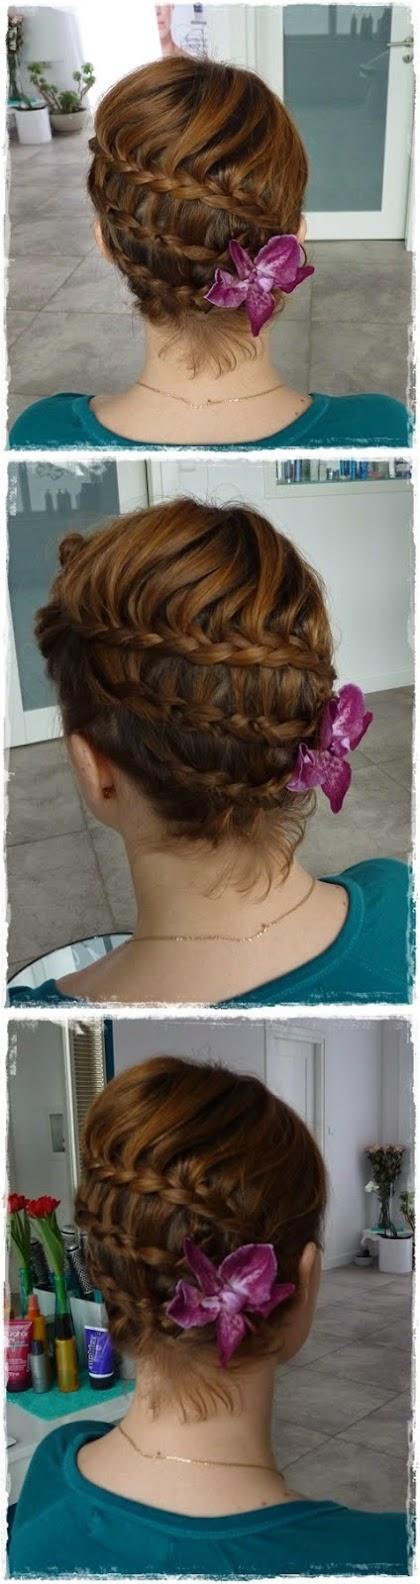 fryzura ślubna 60